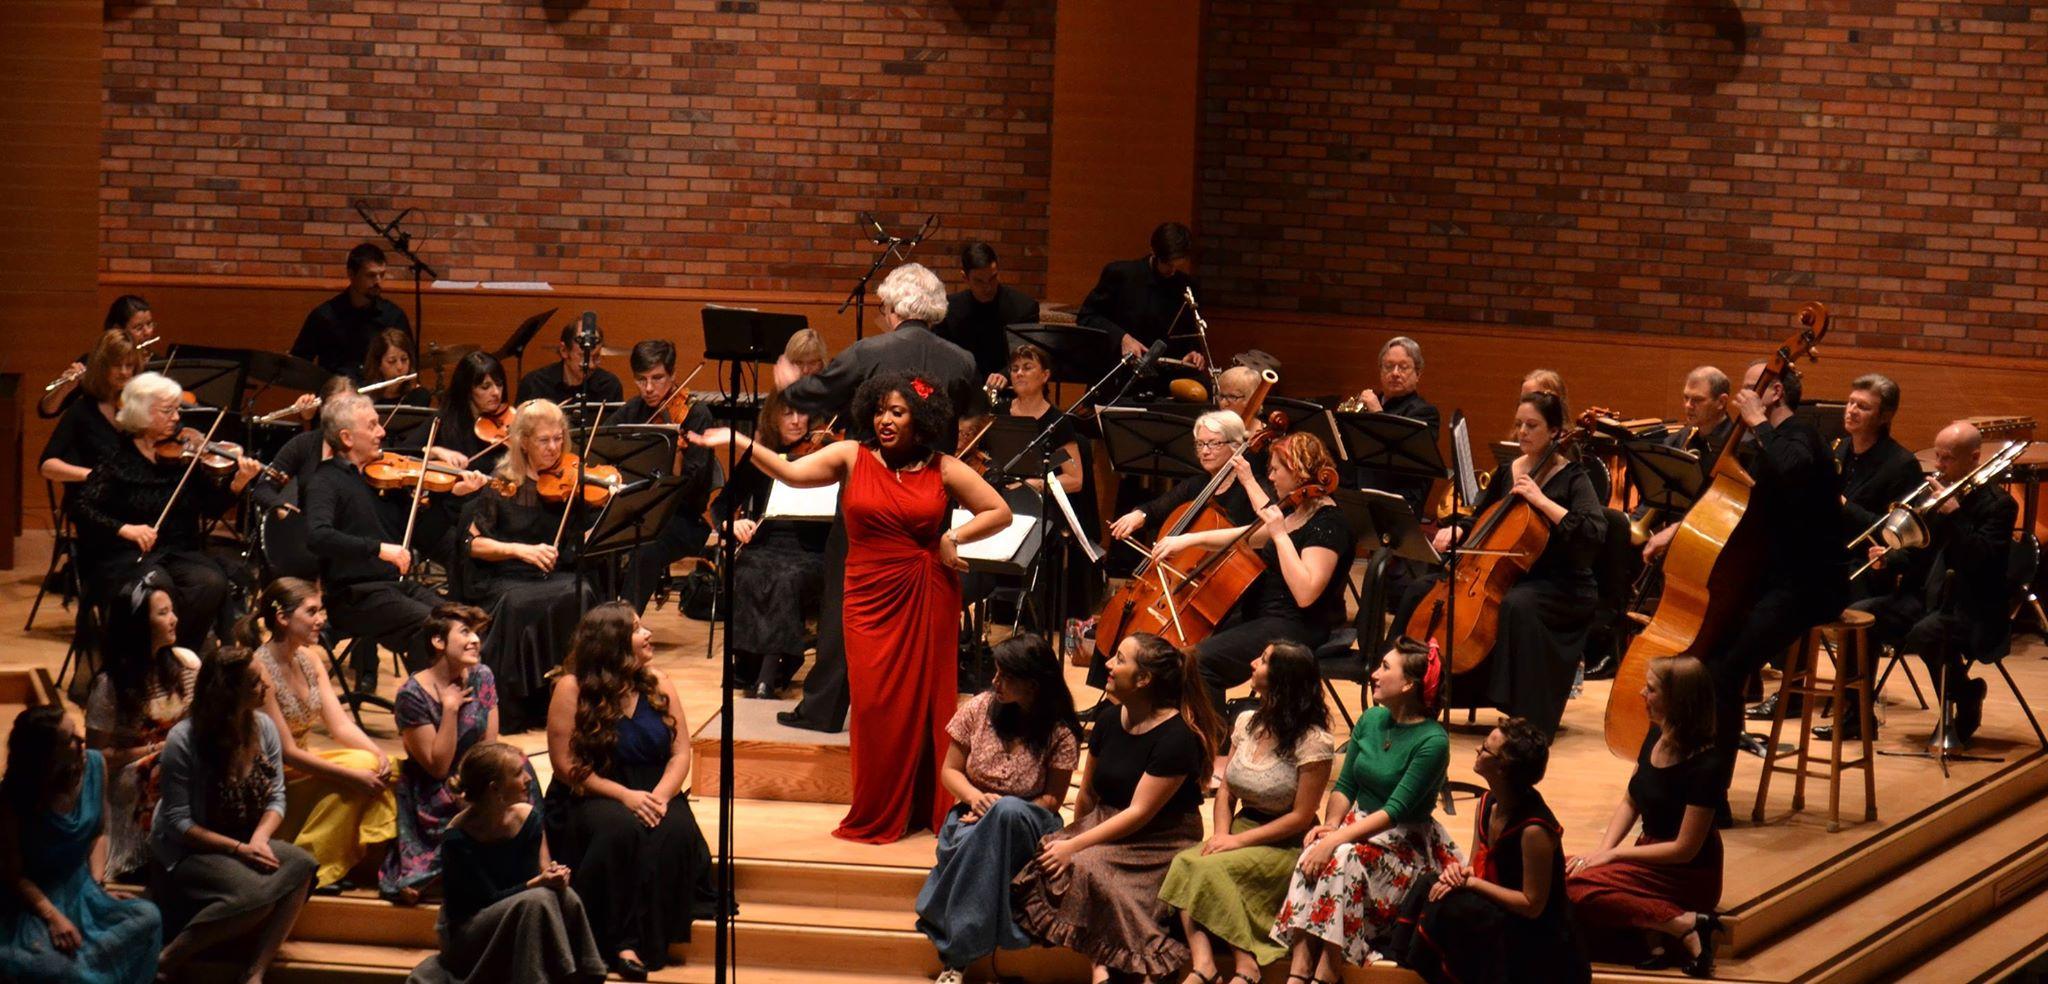 Anjuna recording studio portland chamber orchestra for Chambre orchestra